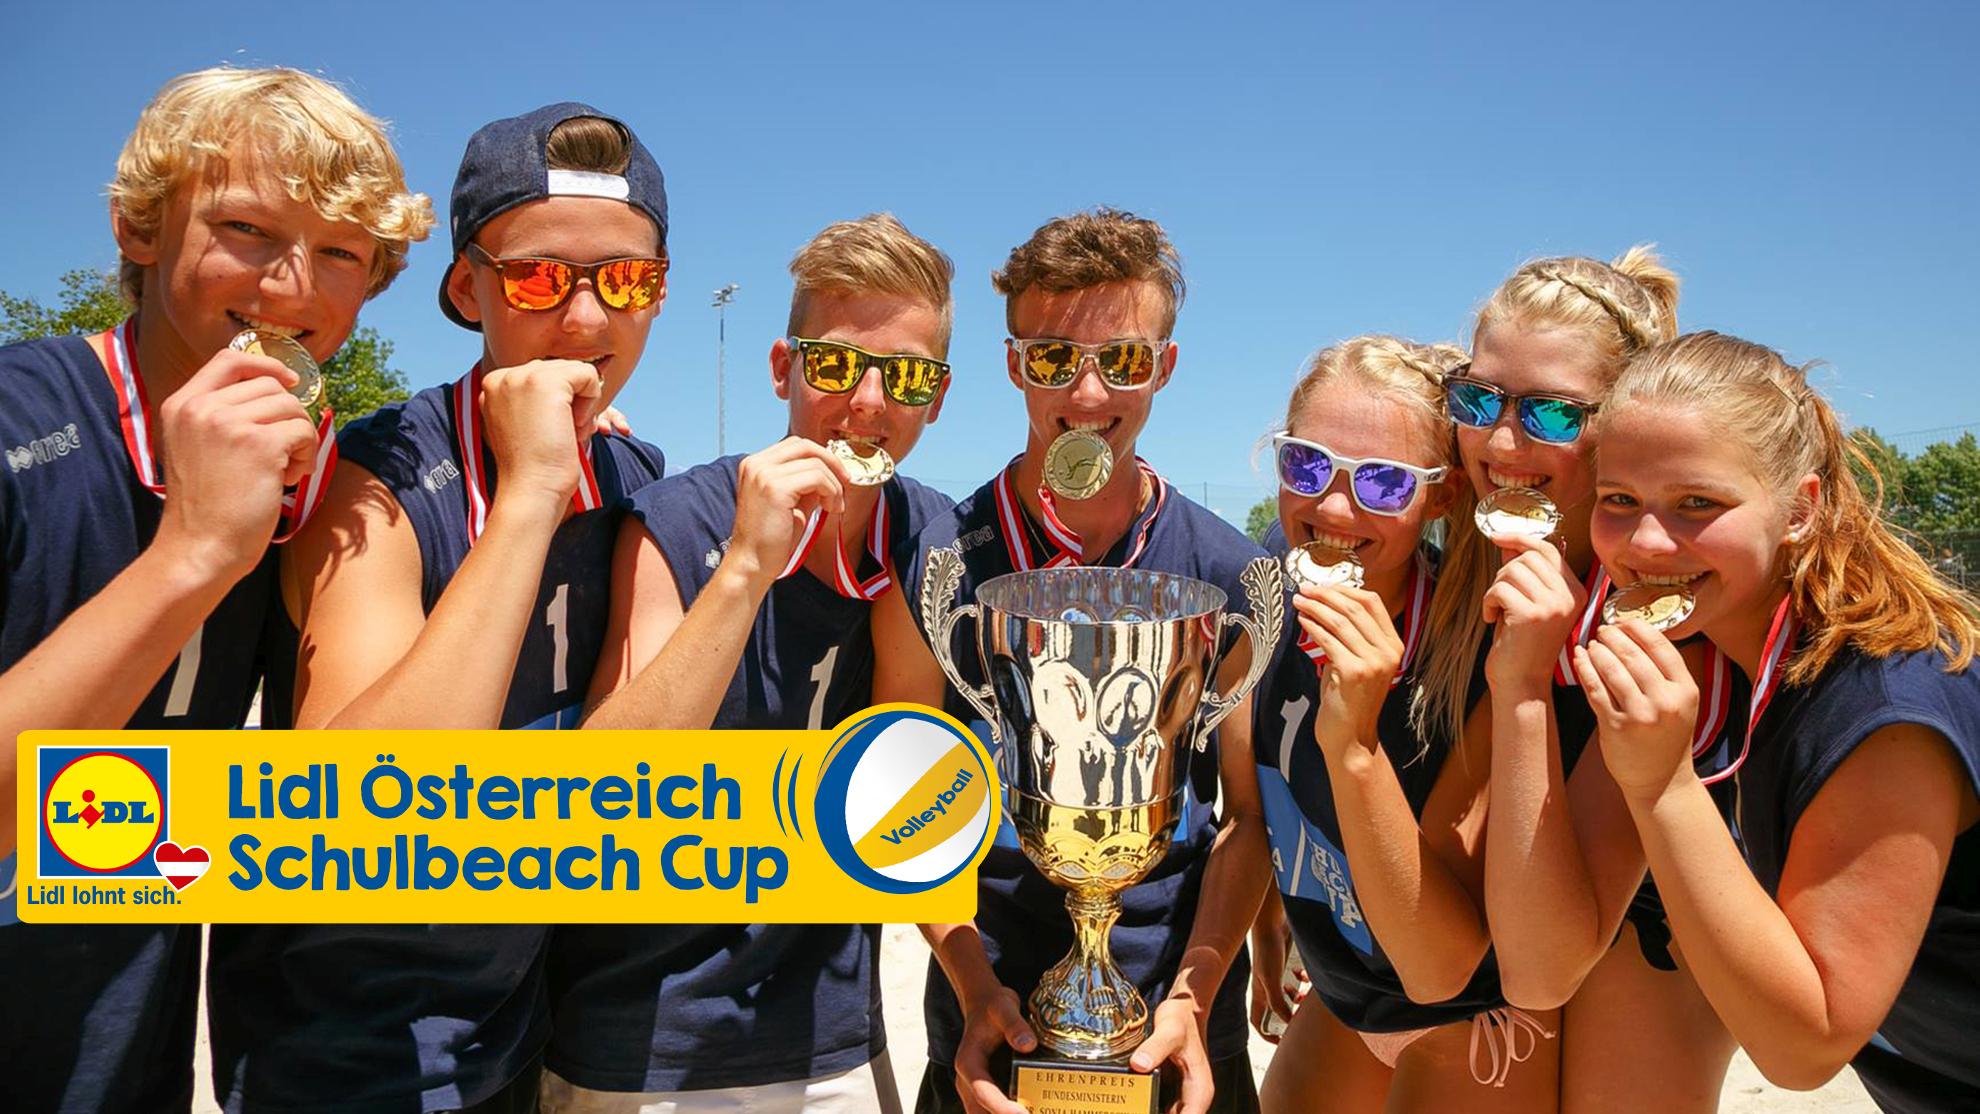 FOTO © Schulbeach Cup